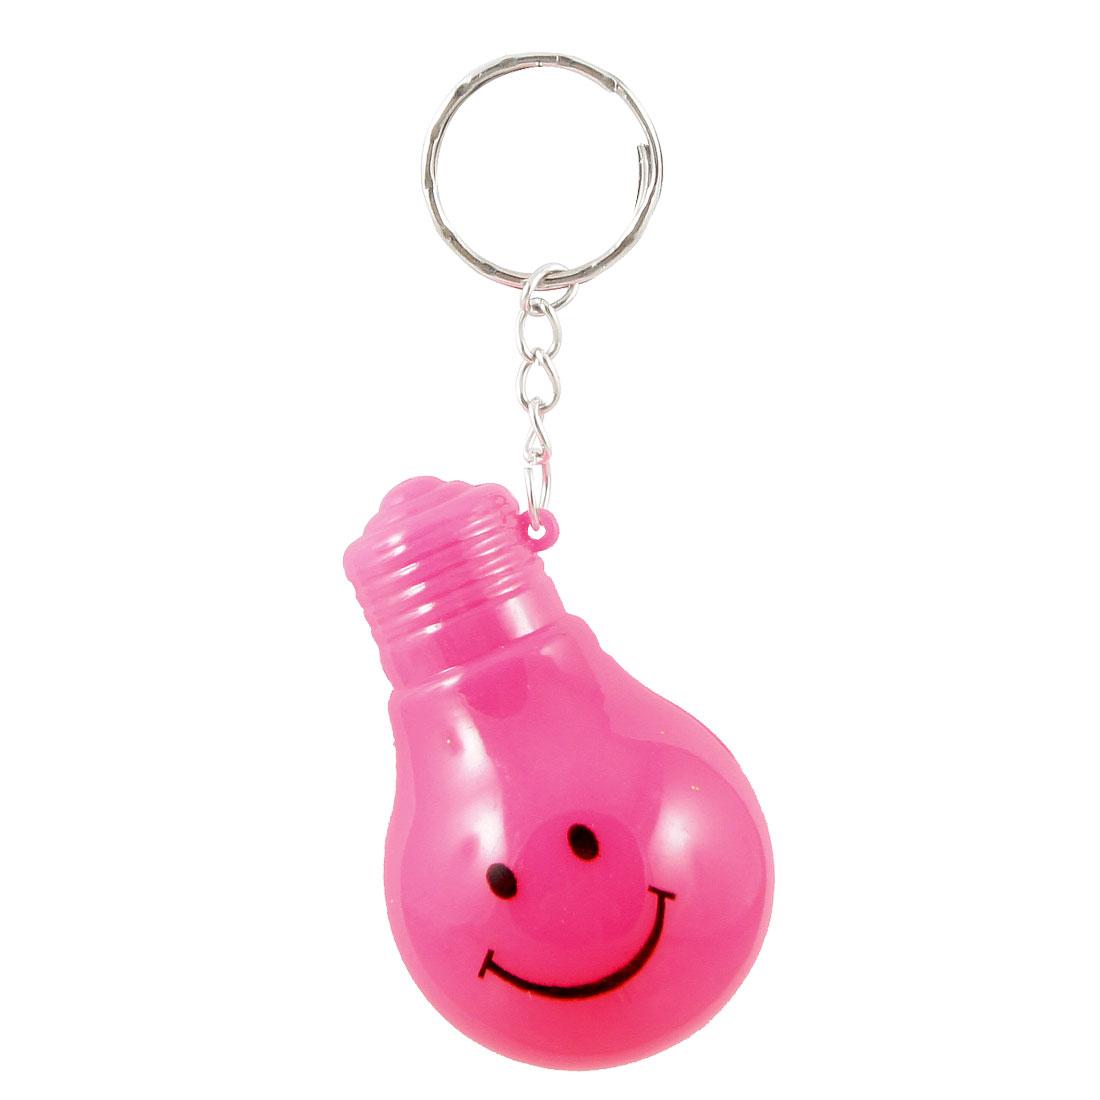 Pocket Fuchsia Smile Face Print Bulb Shape LED Flashlight Key Ring